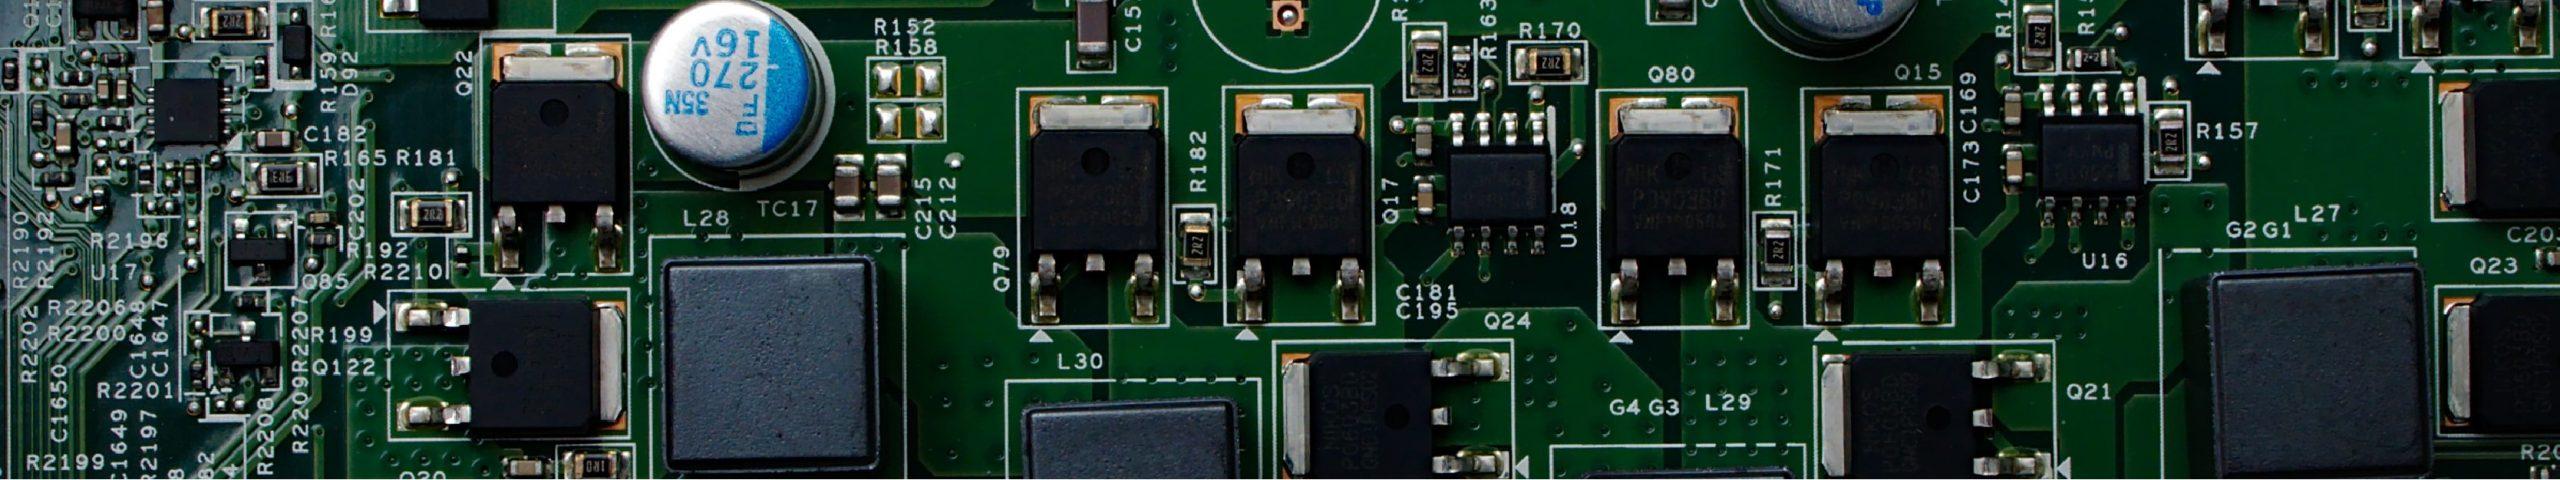 Künstliche Intelligenz für die Entwicklung des Smart Meters